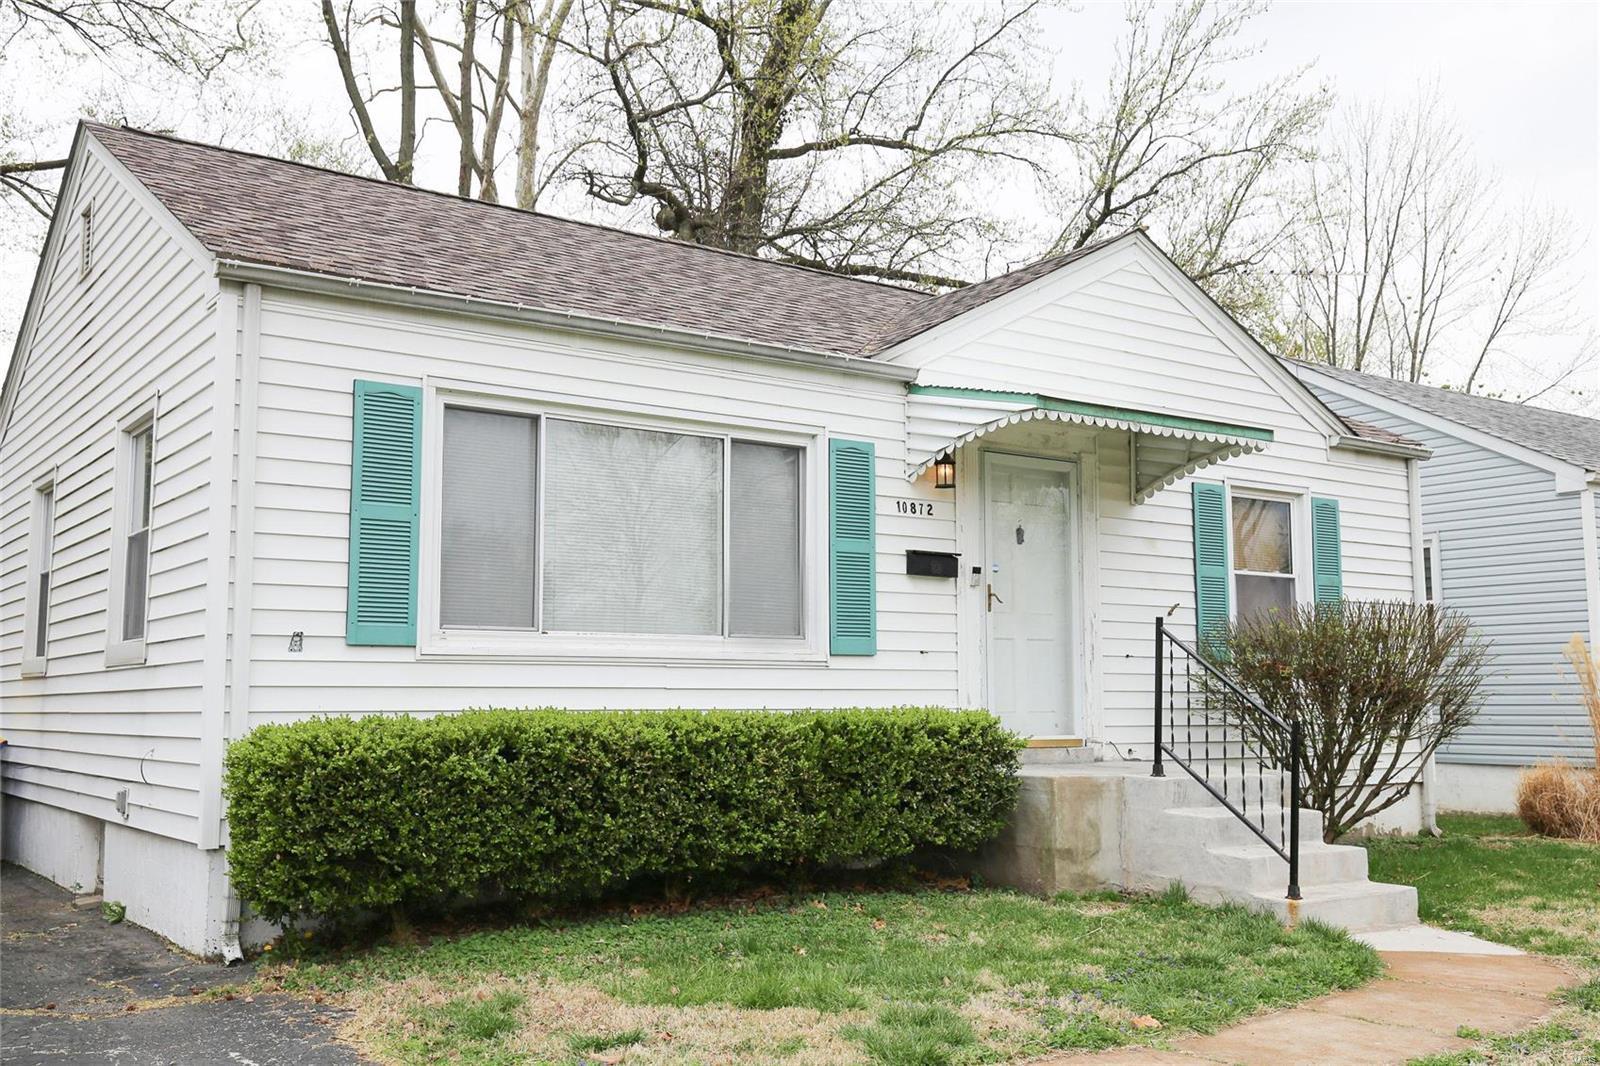 10872 Saint Francis Lane Property Photo - St Ann, MO real estate listing